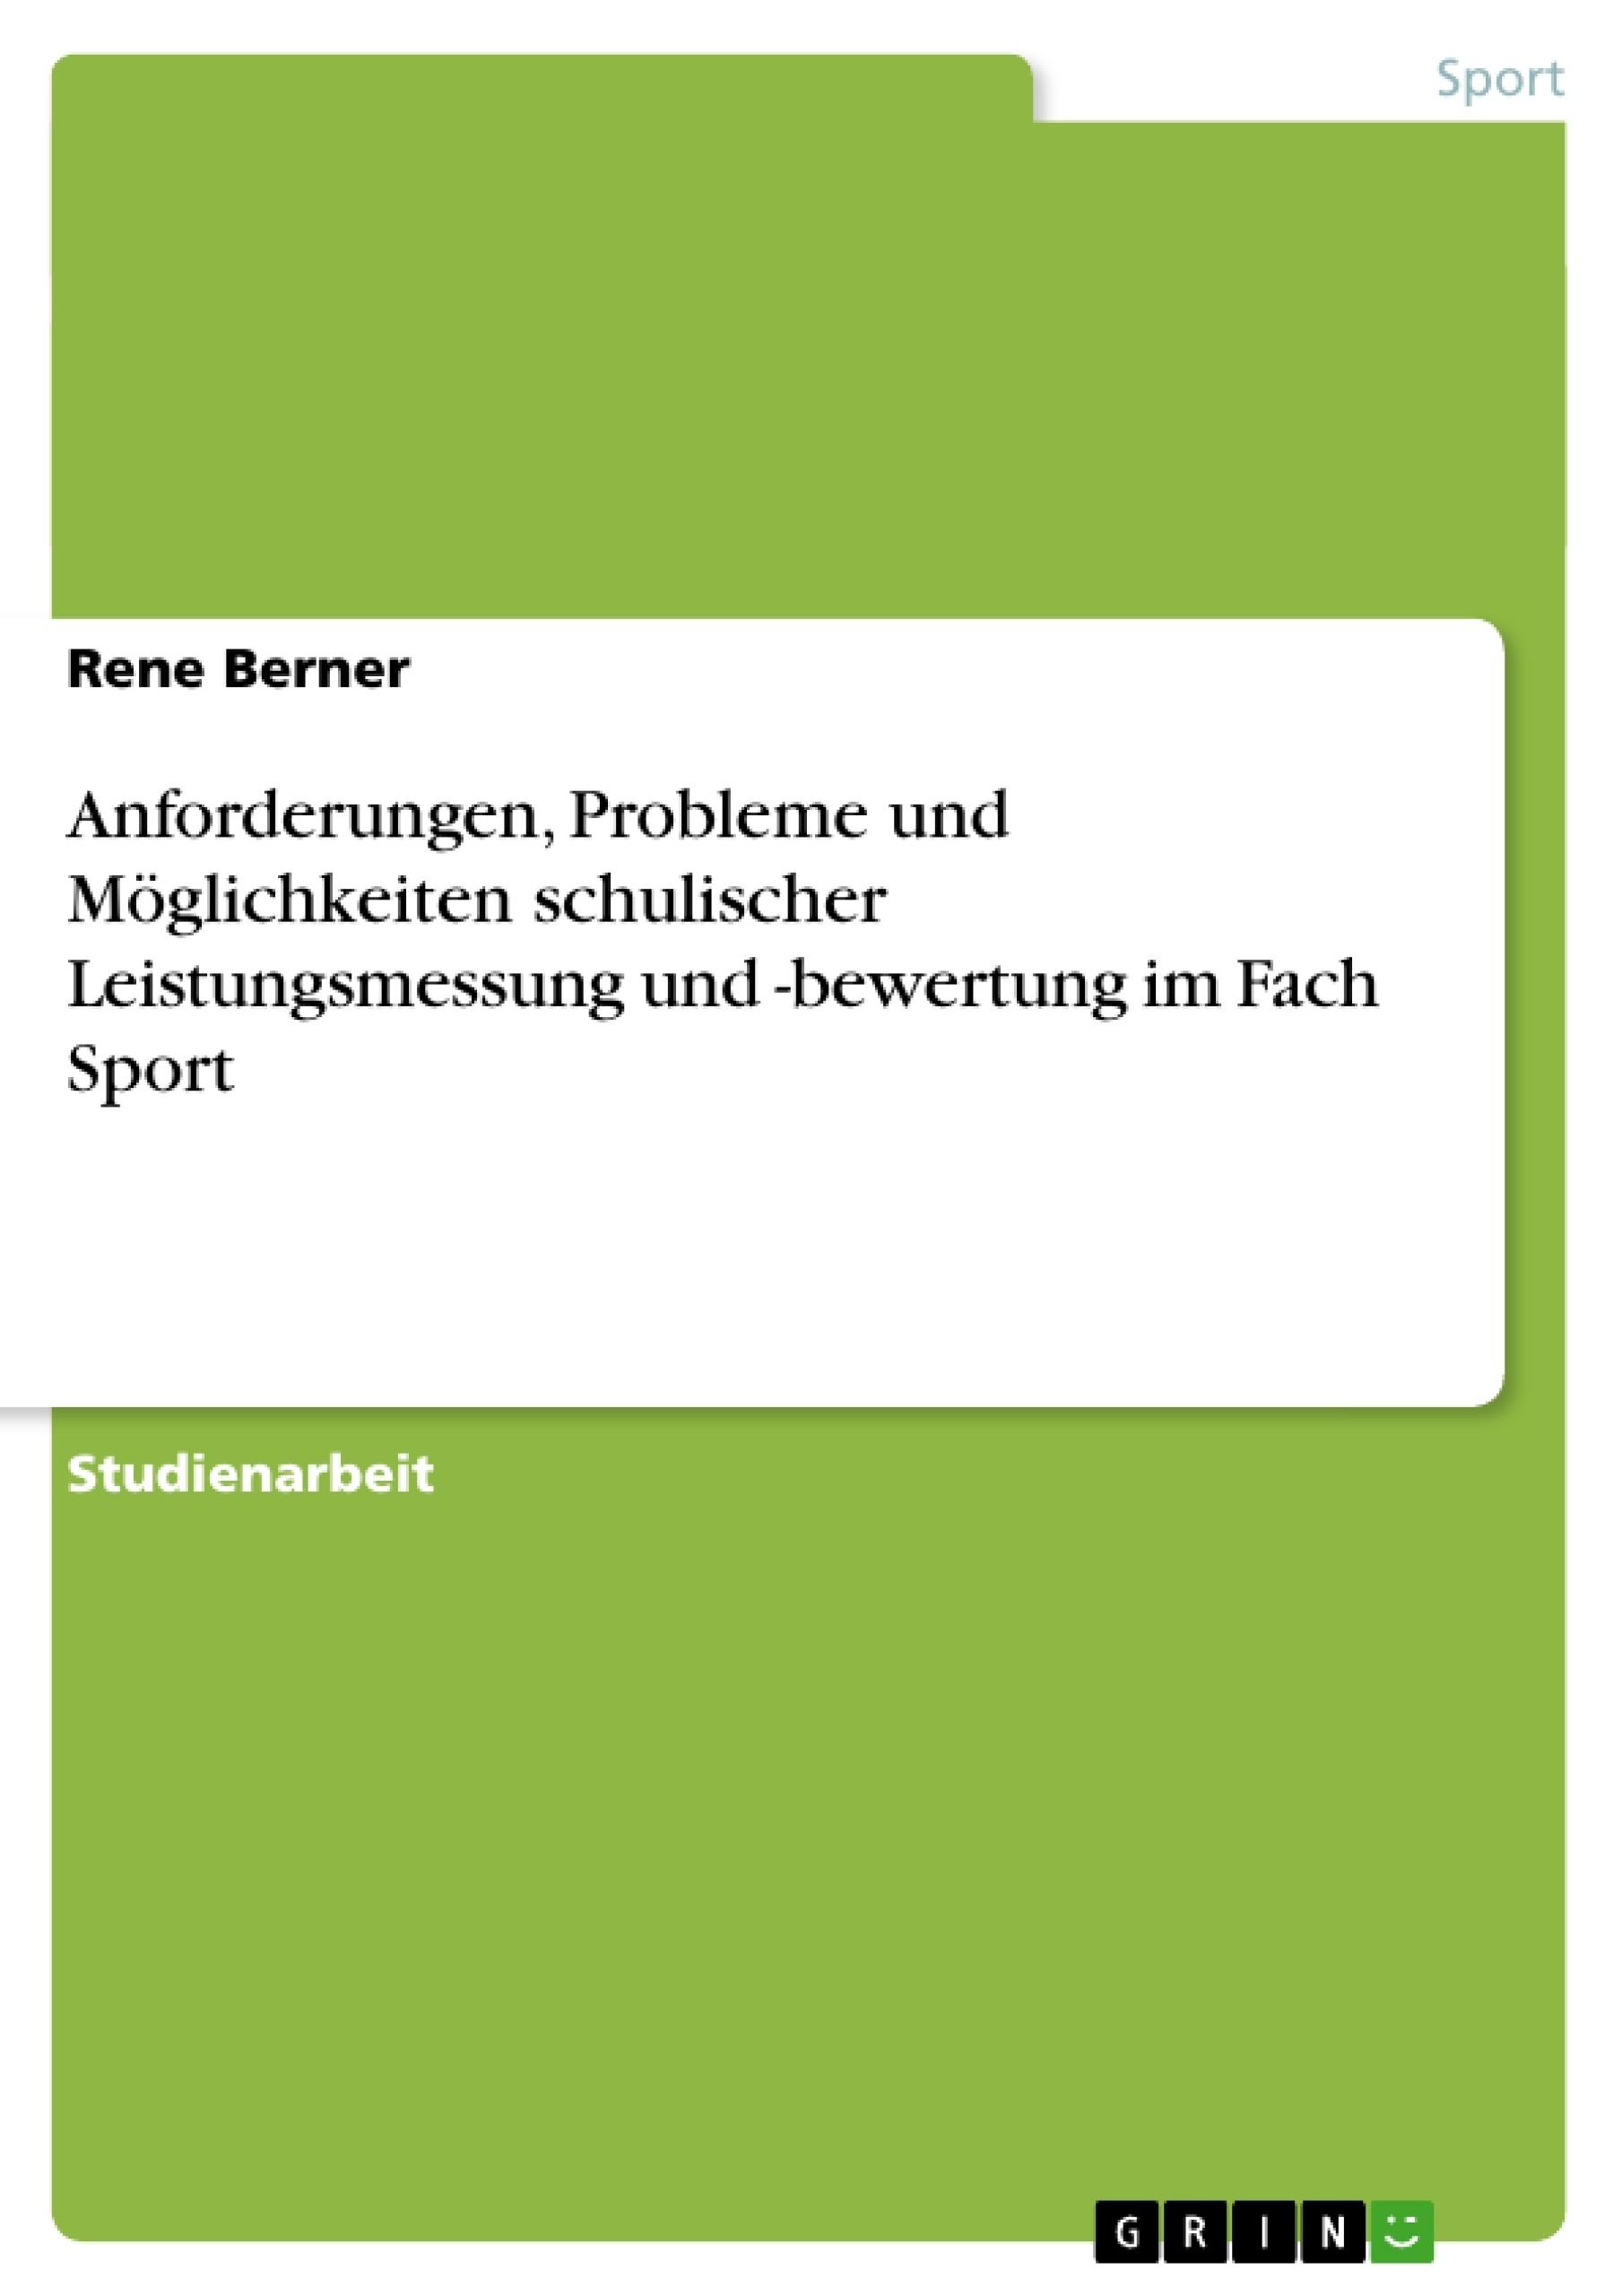 Titel: Anforderungen, Probleme und Möglichkeiten schulischer Leistungsmessung und -bewertung im Fach Sport